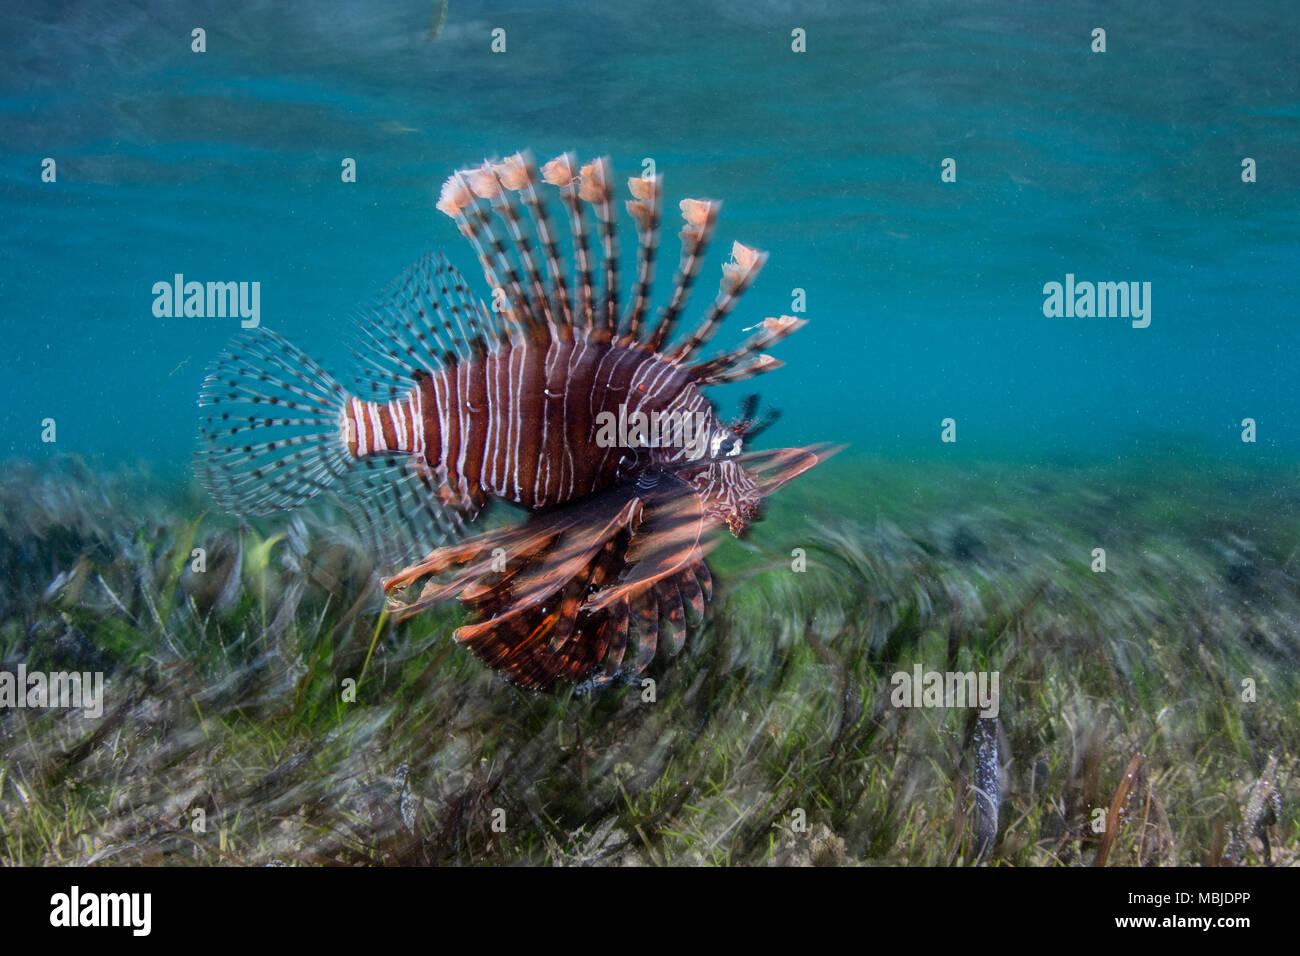 Un Leone, pterois volitans, nuota su piante fanerogame nella banda del mare. Questa regione è nel triangolo di corallo e presenta una elevata biodiversità marina. Immagini Stock